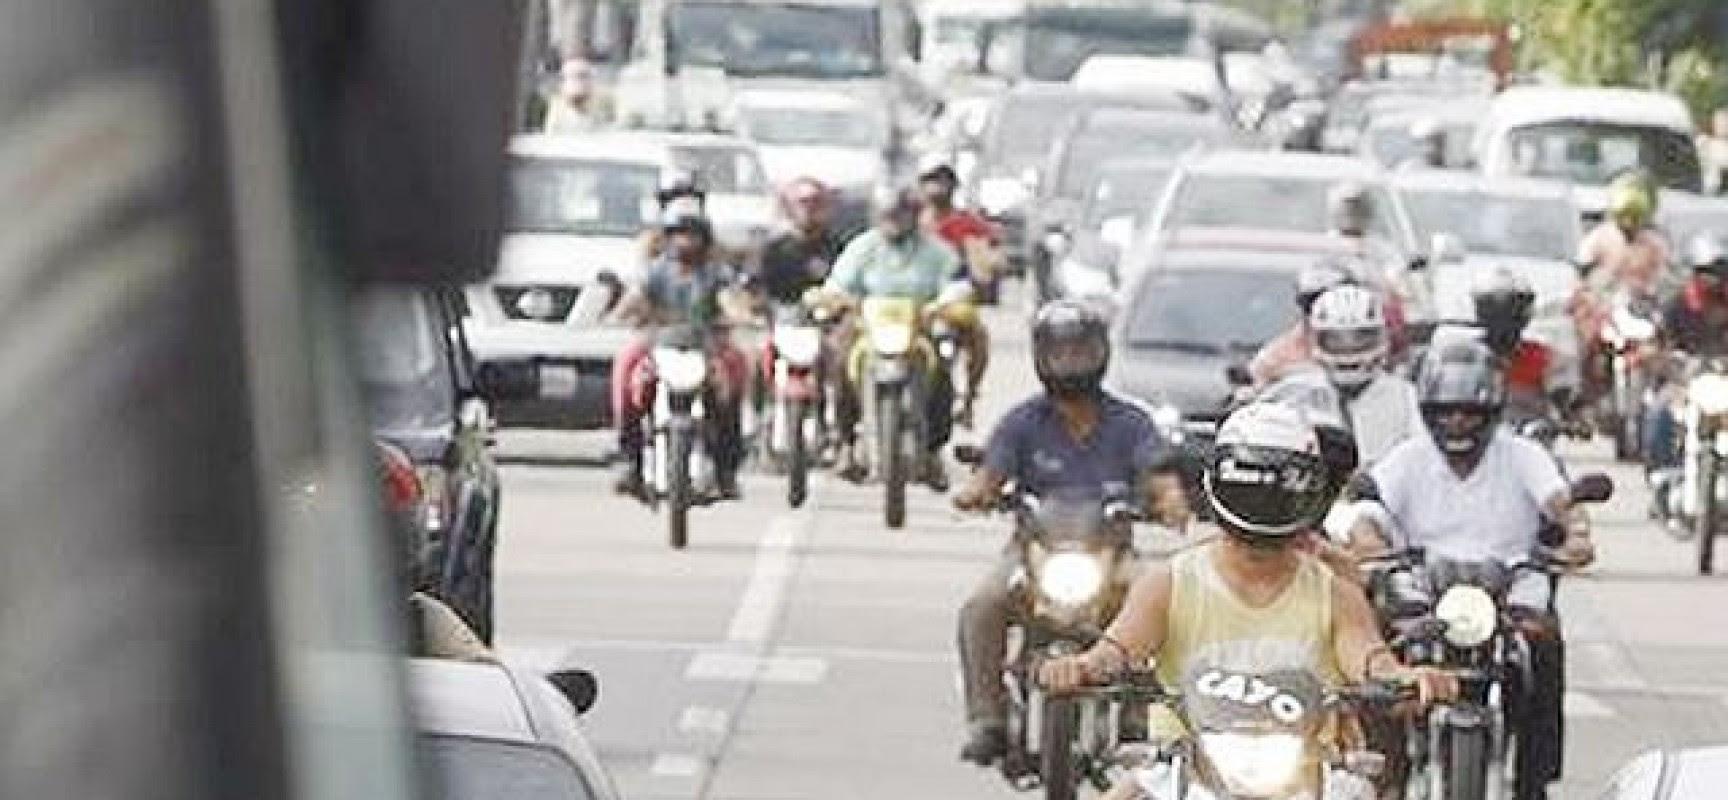 Acidentes com moto respondem por 76,7% dos inválidos